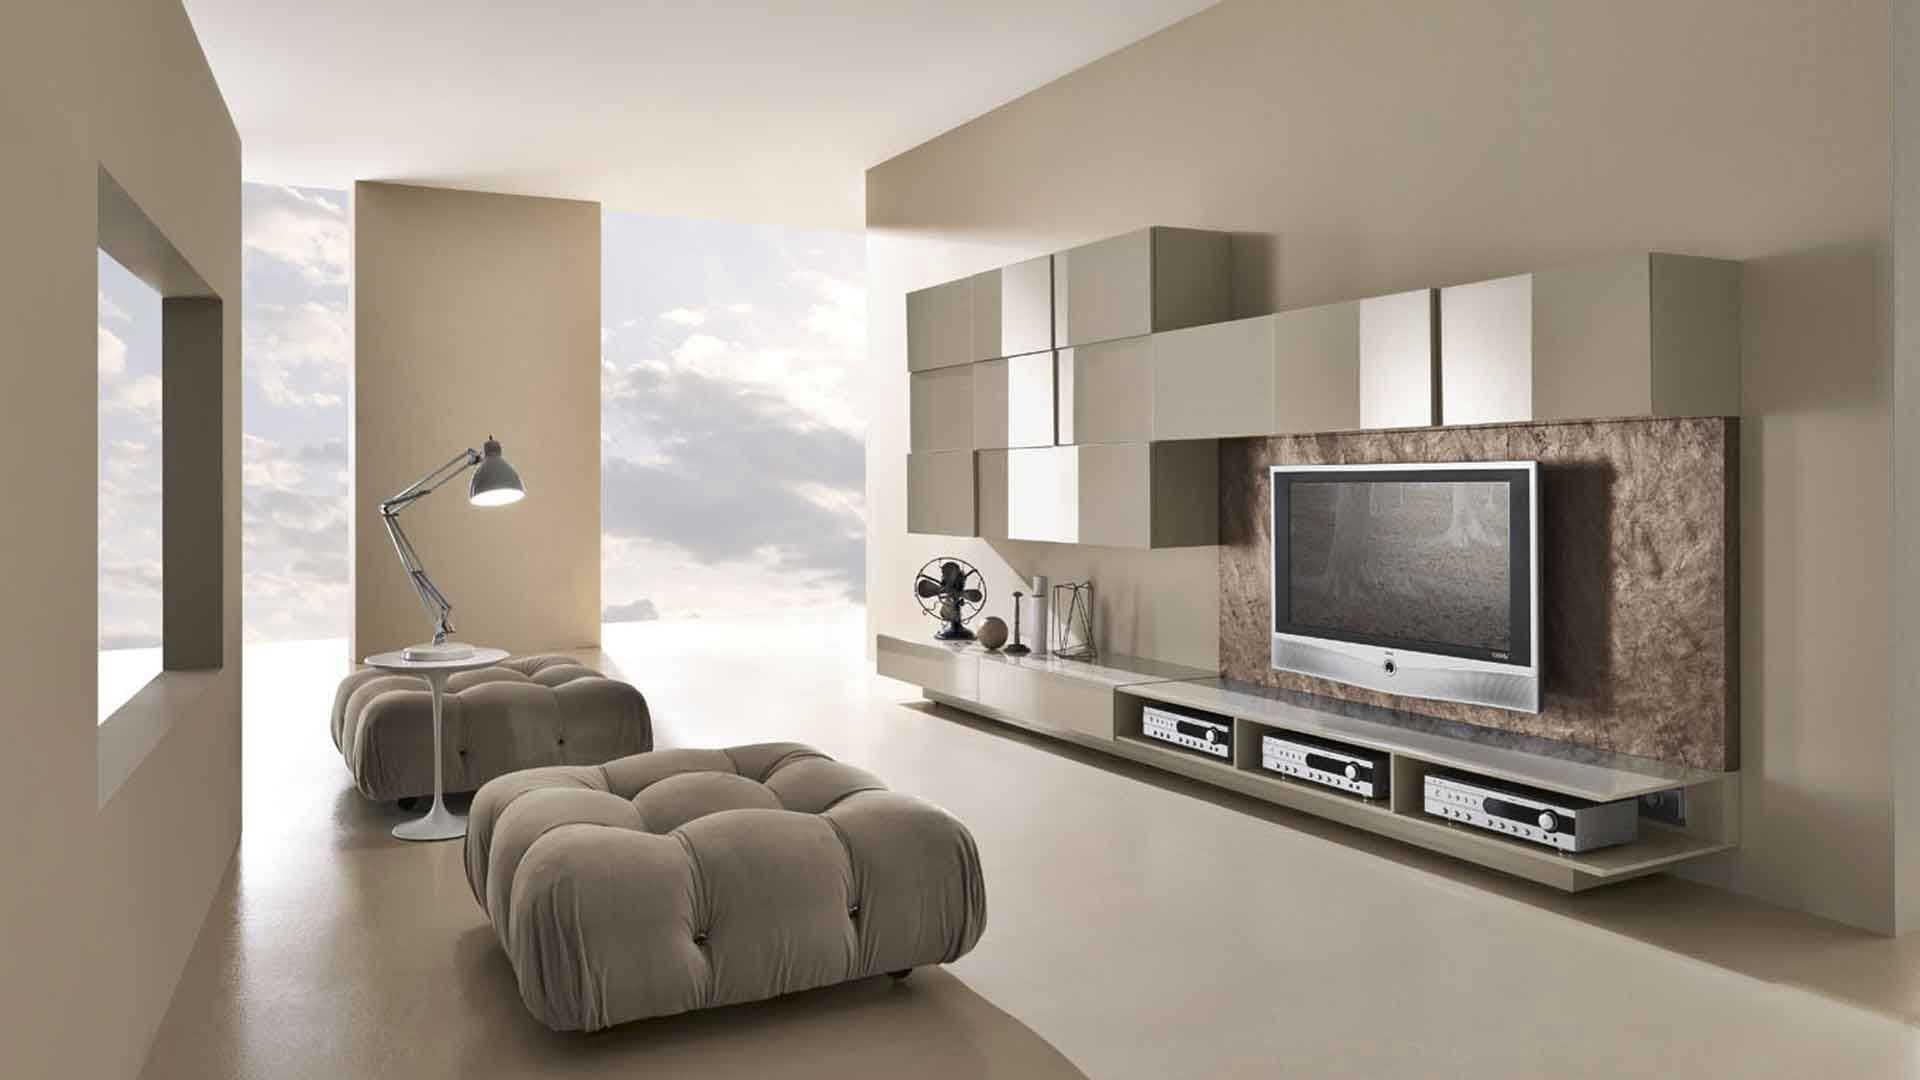 Как сделать гостиную уютной? Идеи для гостиной